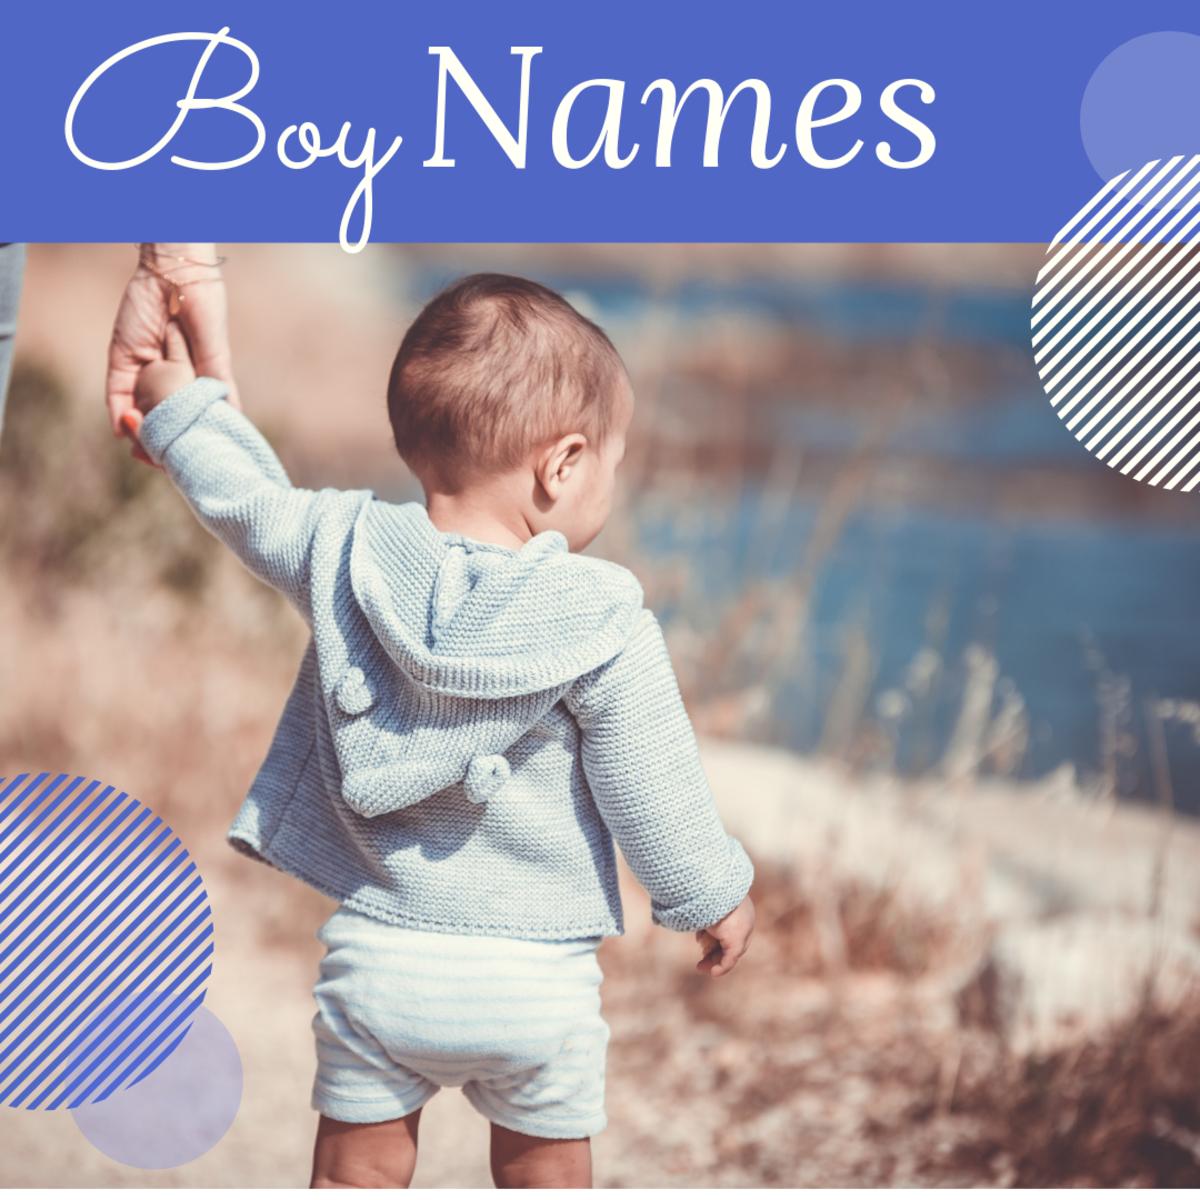 Boy Names/Male Names